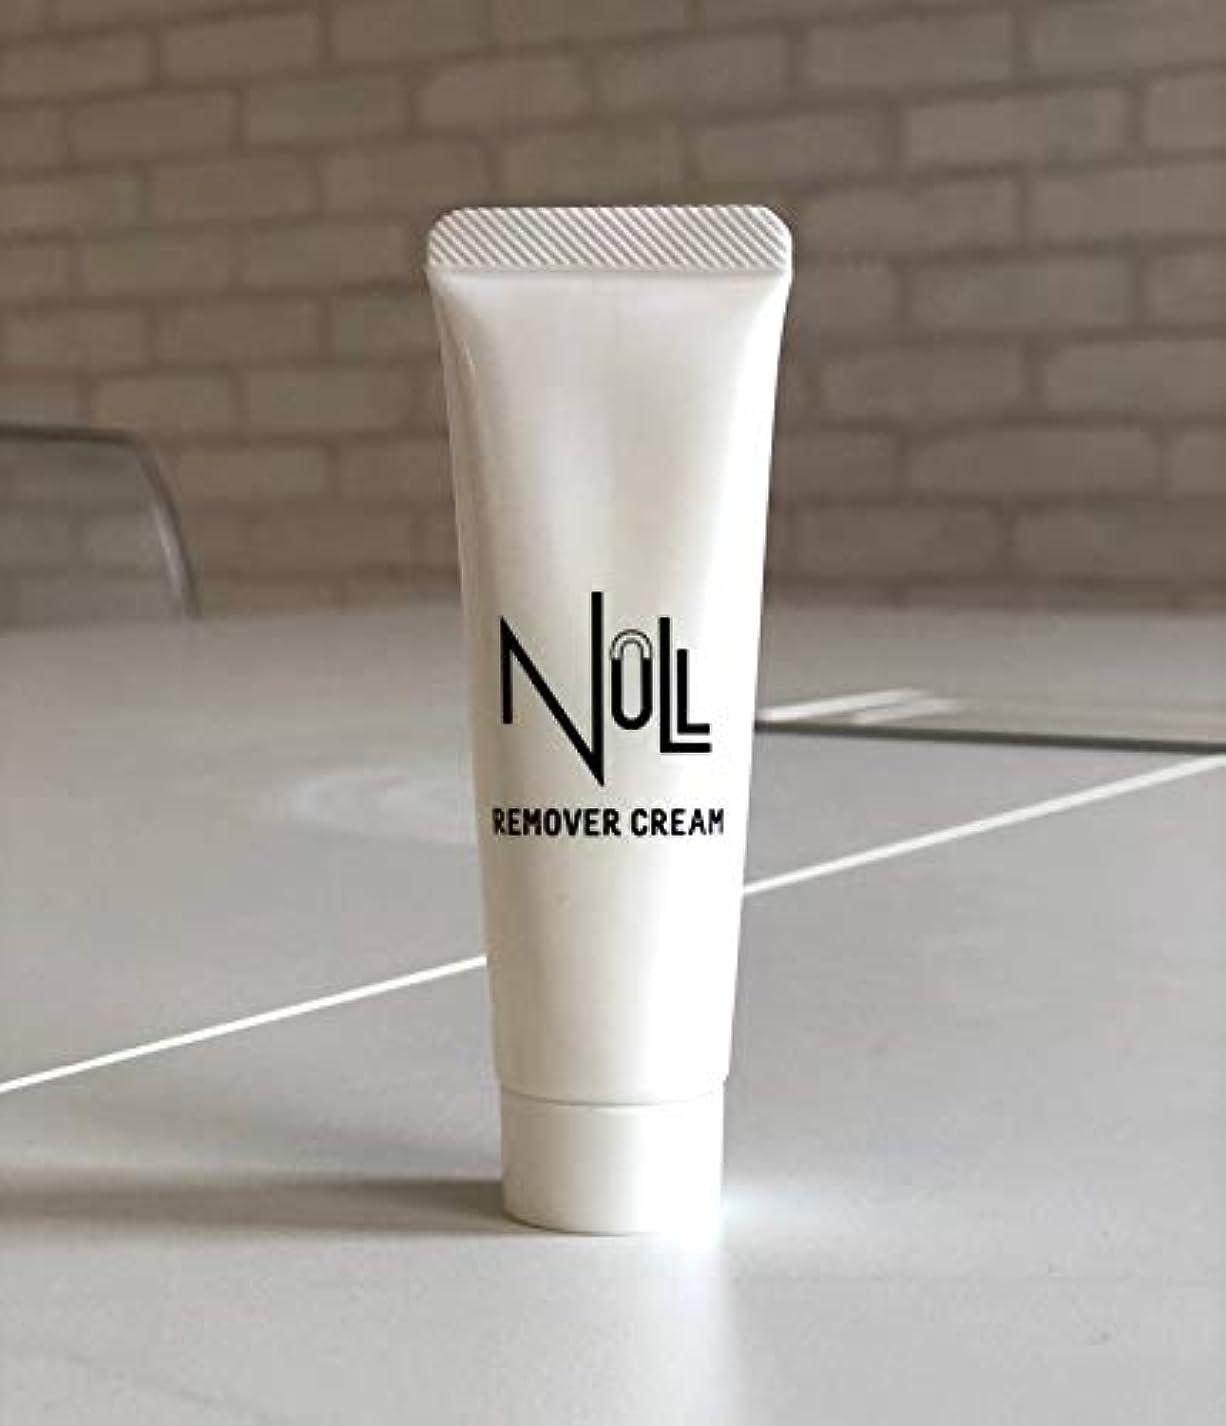 ポンプ政策厳NULL メンズ 薬用リムーバークリーム 除毛クリーム ミニサンプル 20g [ 陰部/Vライン/アンダーヘア/ボディ用 ]